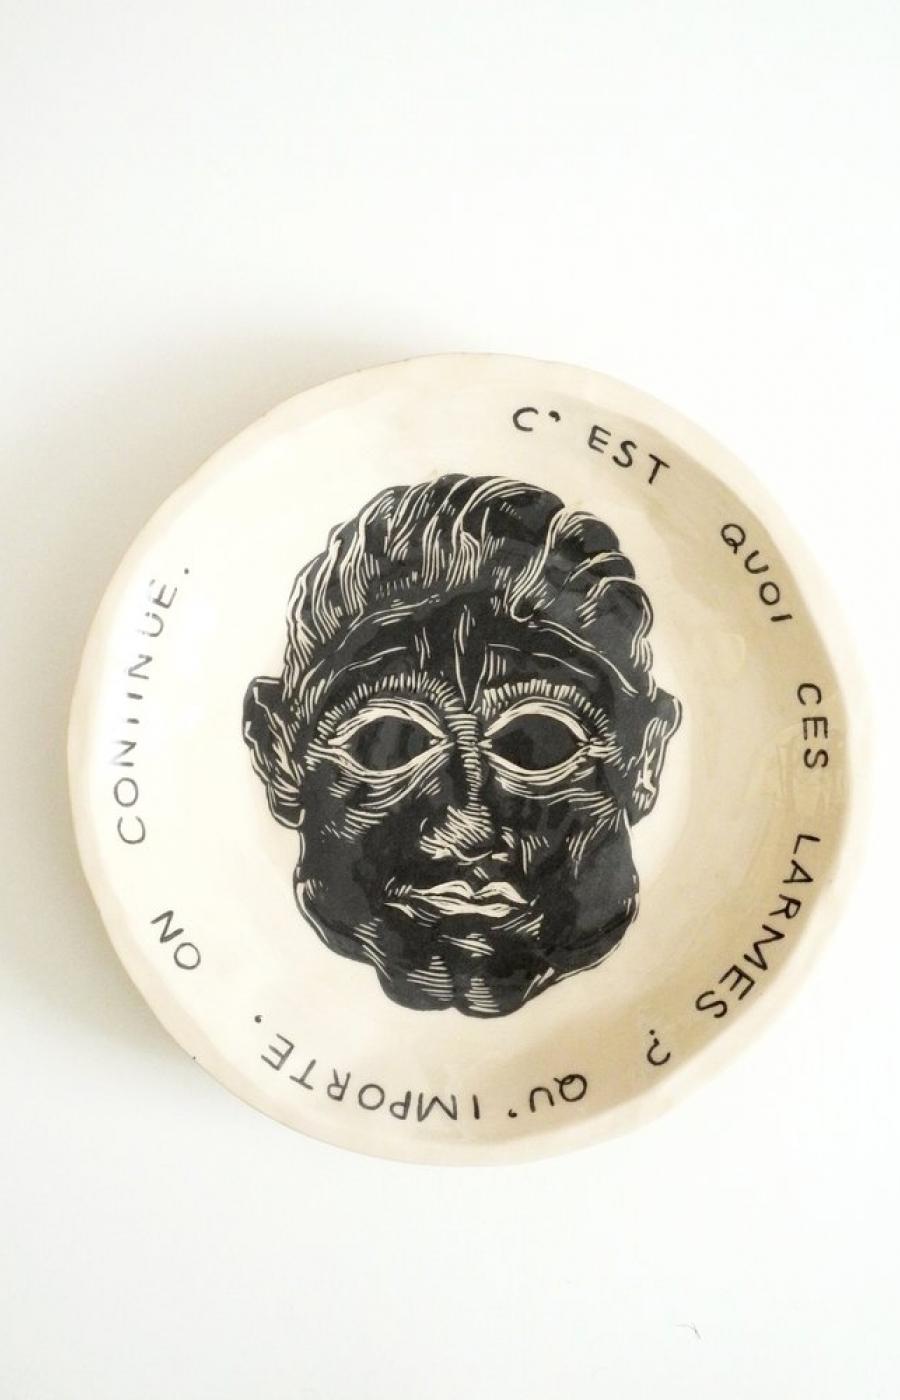 <b>Clément Bataille</b>, <em>C'est quoi ces larmes ?</em>, Assiette en terre lisse blanche émaillée, 2018 /29x29x3cm